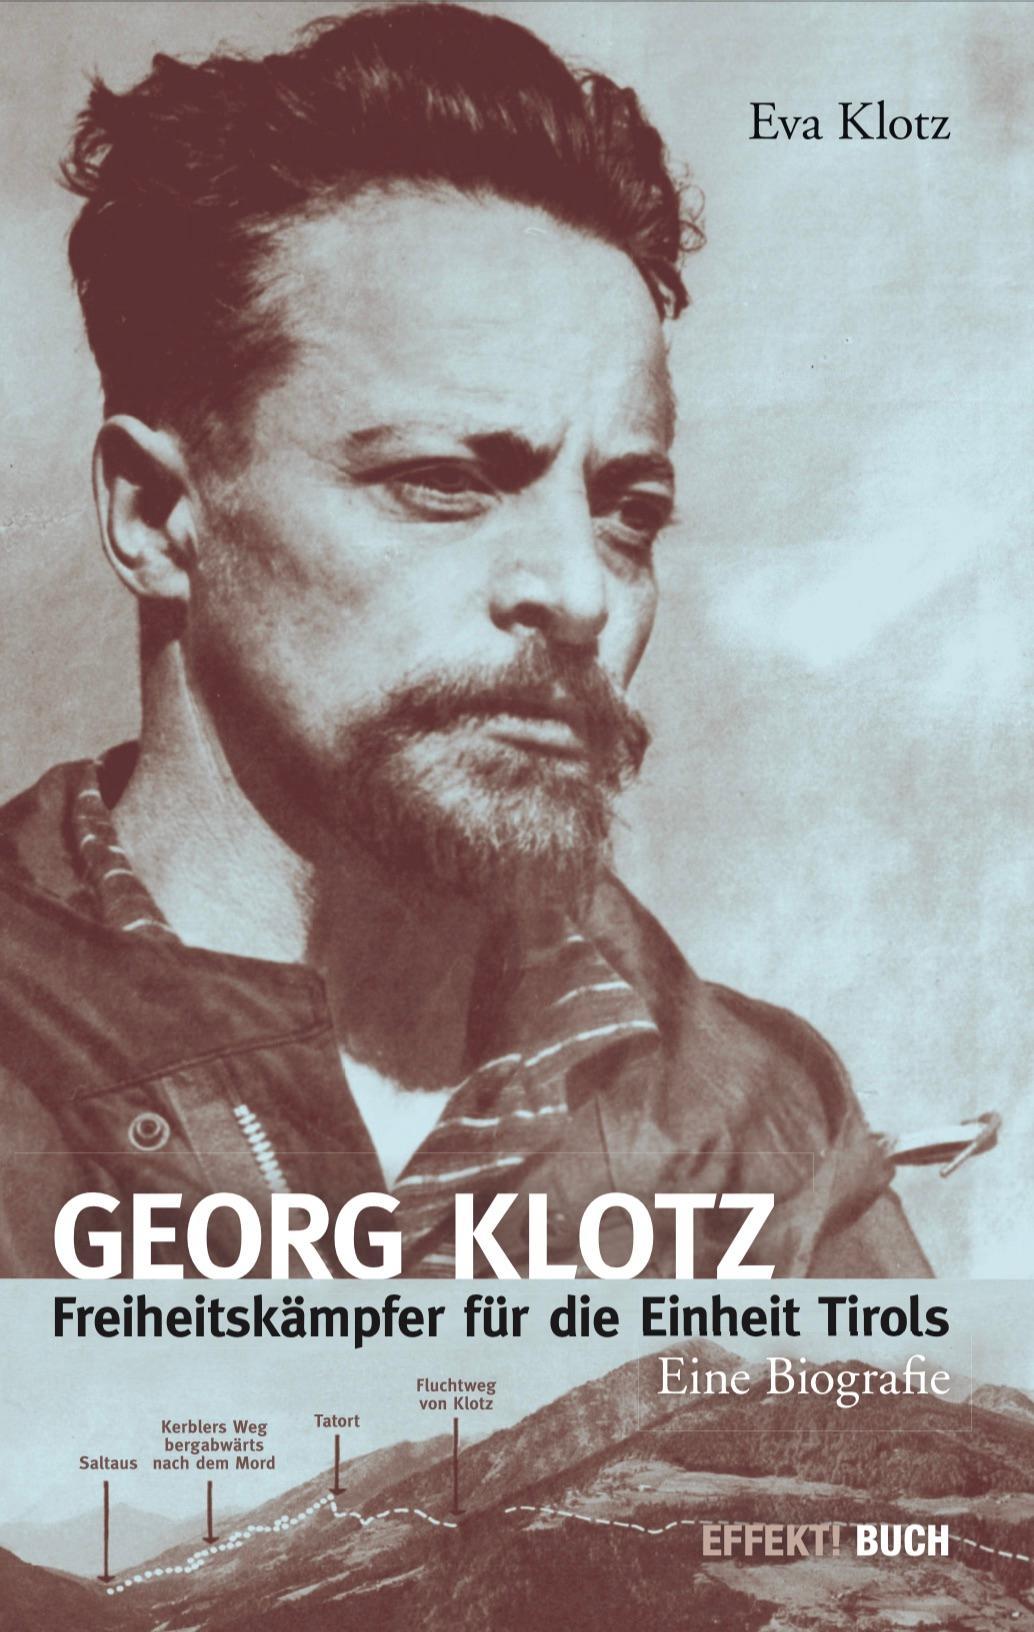 Georg Klotz  Freiheitskämpfer für die Einheit Tirols  Eva Klotz  Buch  Deutsch  2010 - Klotz, Eva